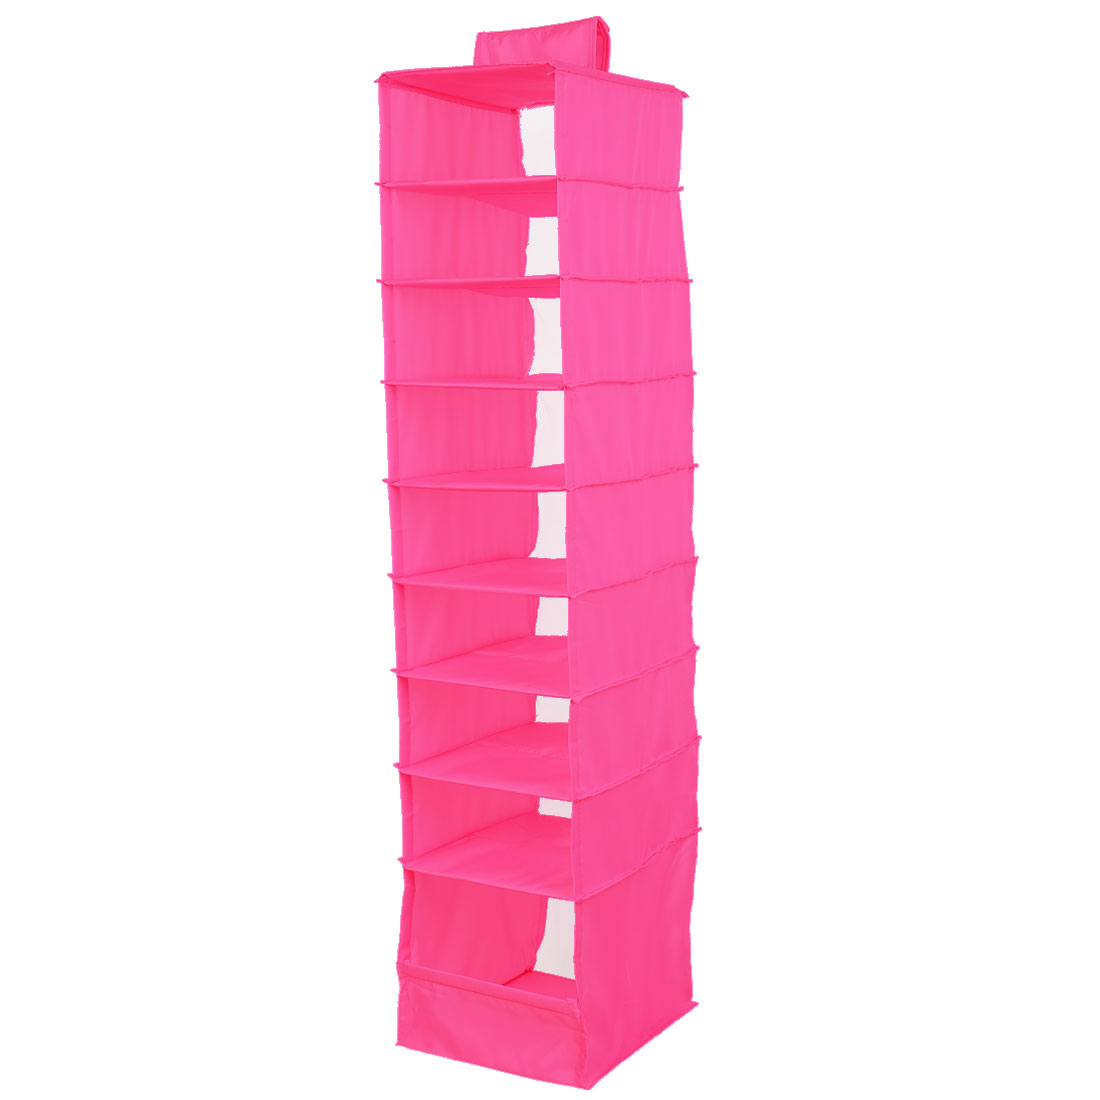 Foldable 9 Compartments Clothes Underwear Organizer Storage Box Fuchsia